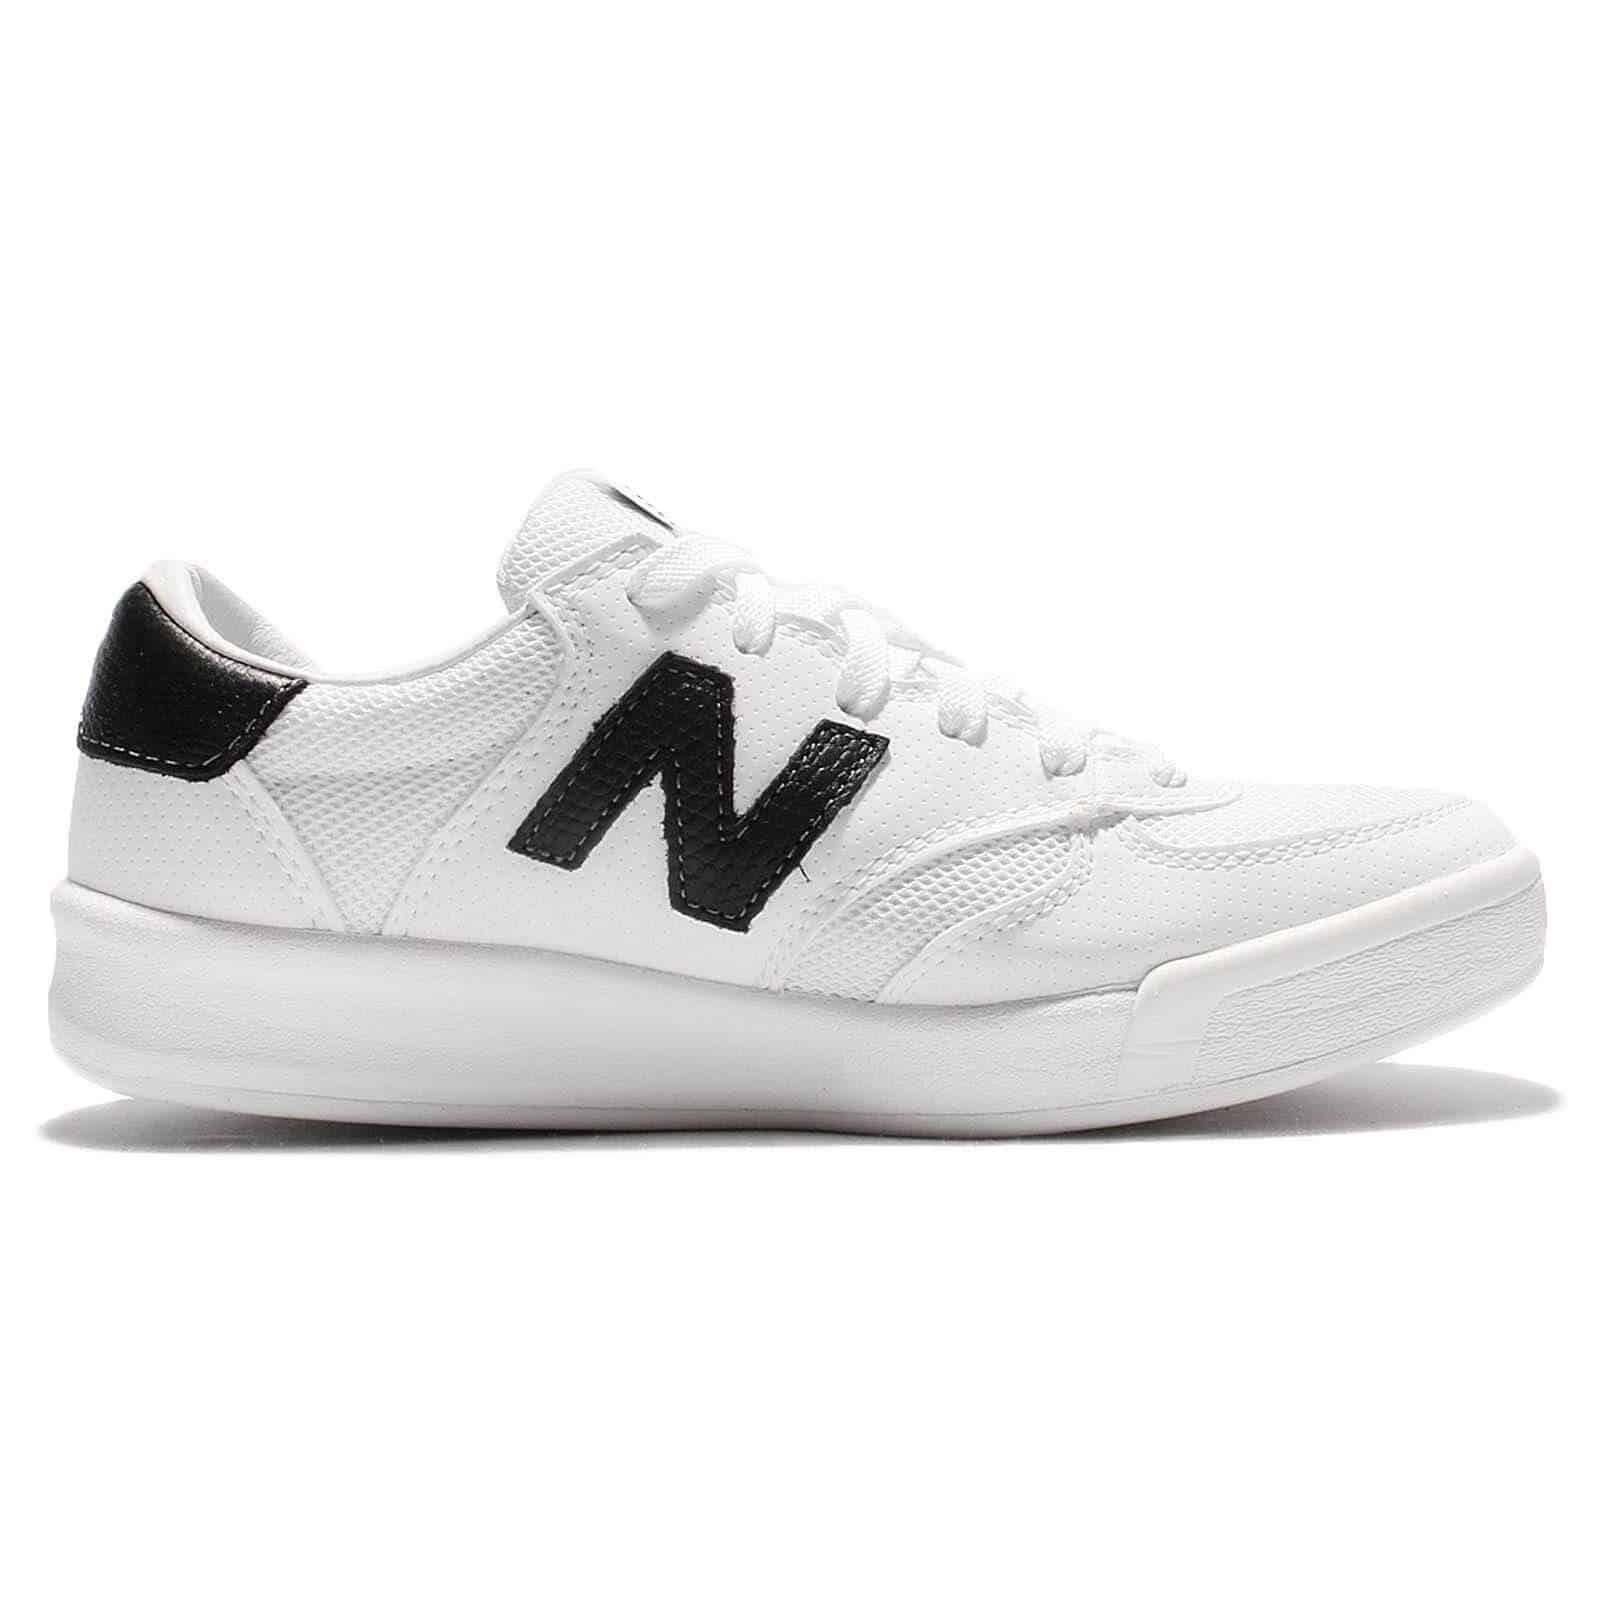 Giày New Balance rep 1:1 hiện đang được nhiều bạn trẻ săn đón